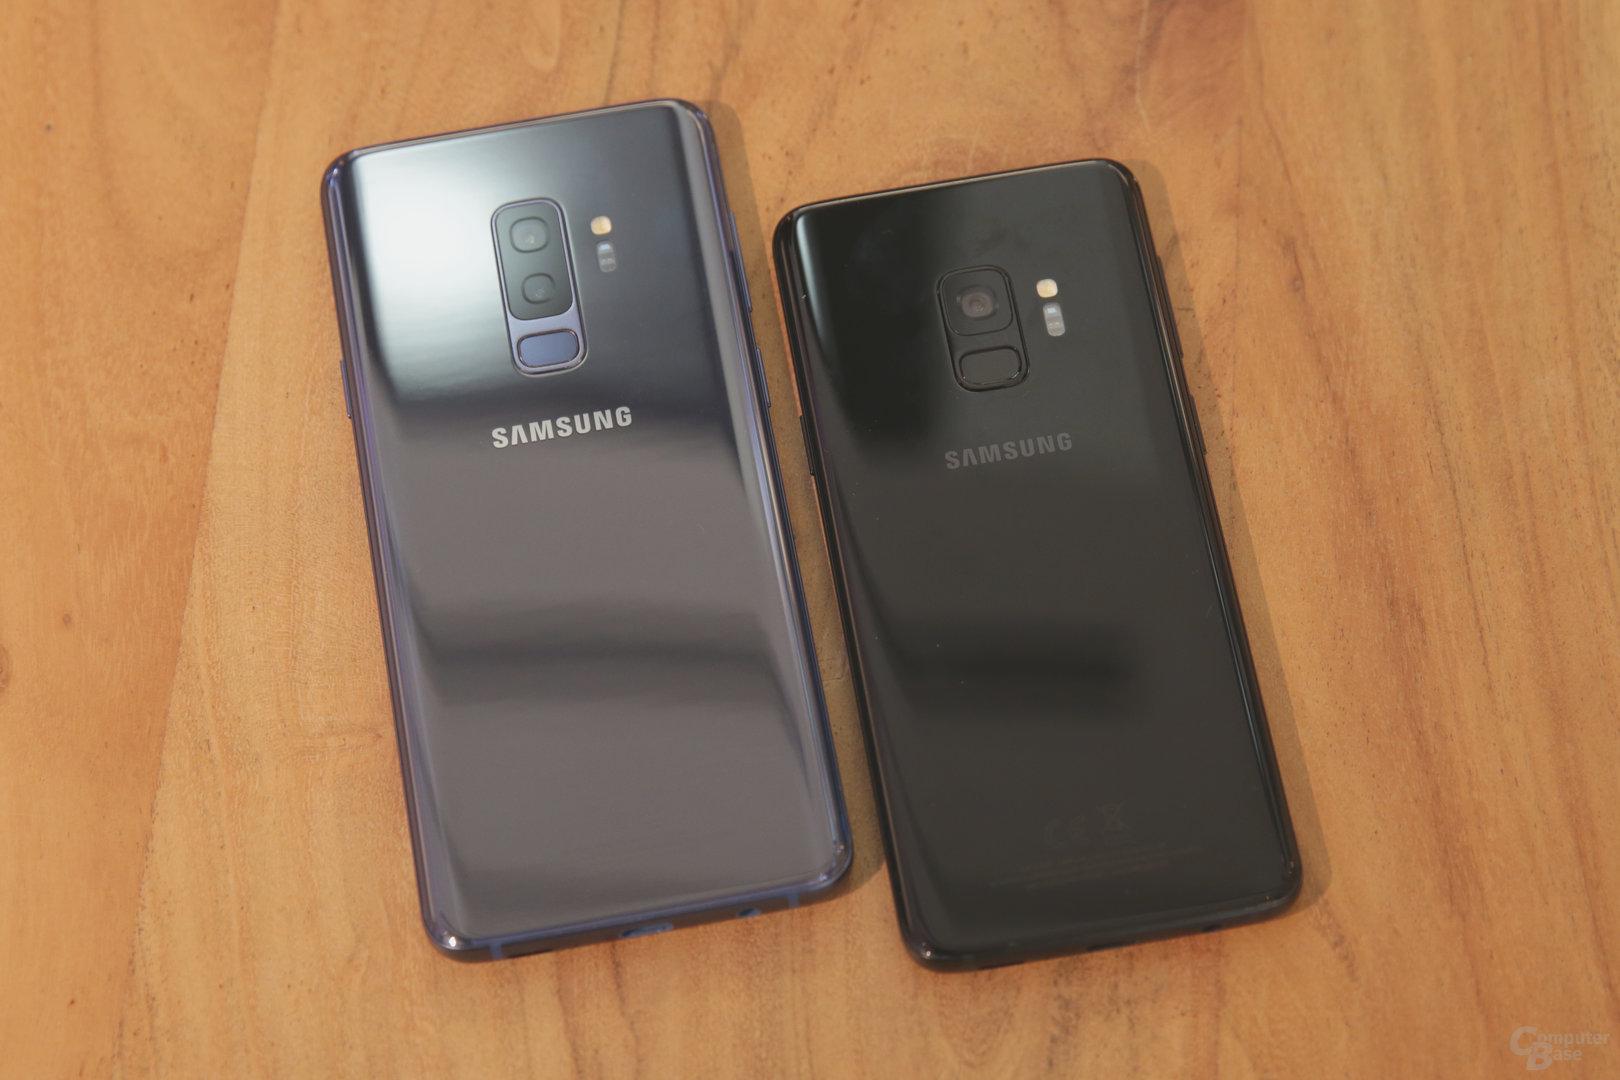 Galaxy S9+ und Galaxy S9 im Vergleich